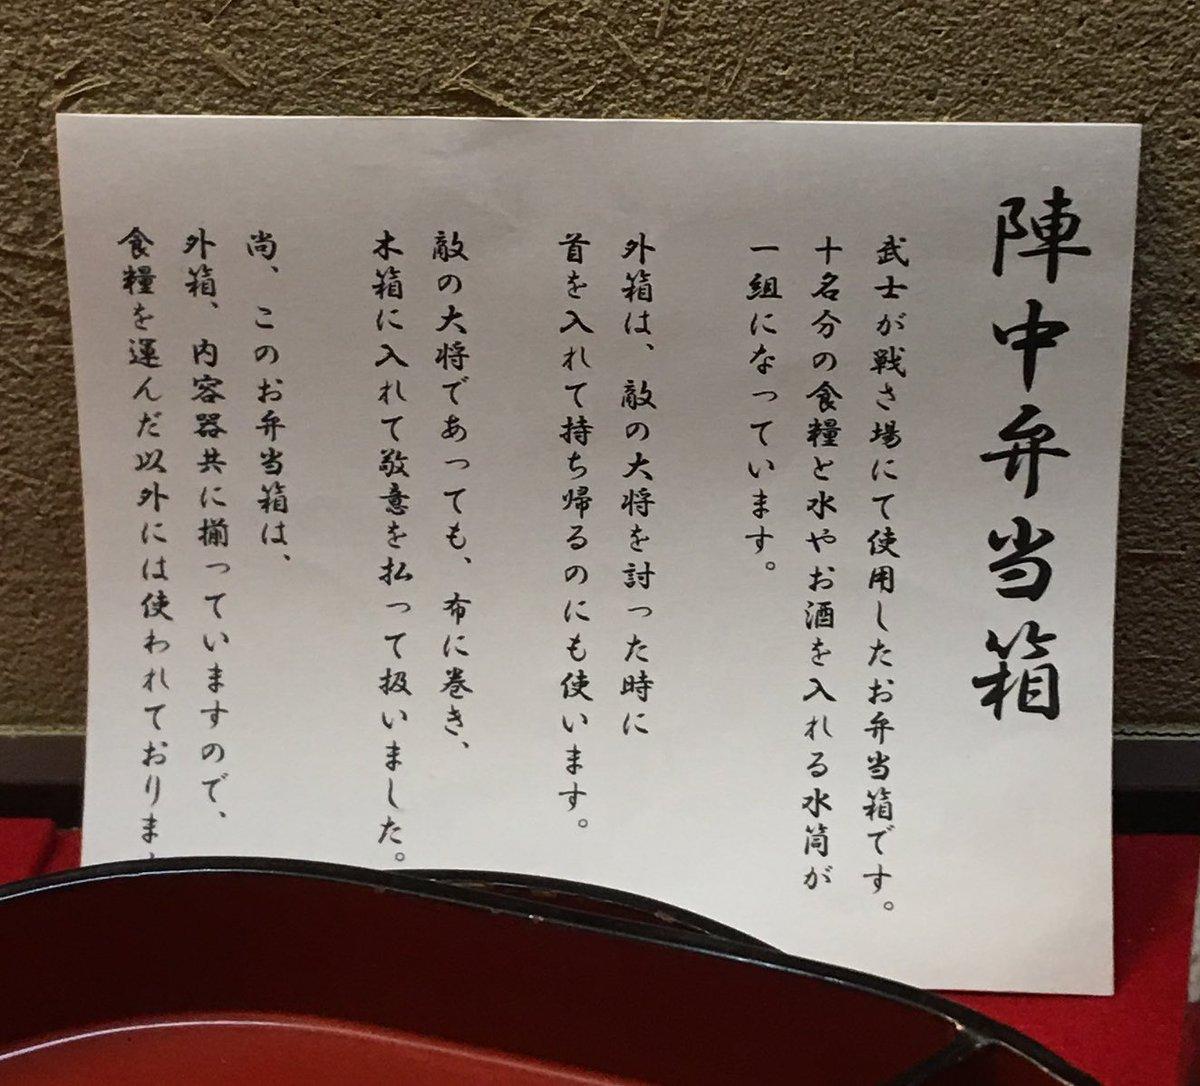 京都にある弁当箱の博物館で?陣中弁当箱のヘビーな事実を知る!